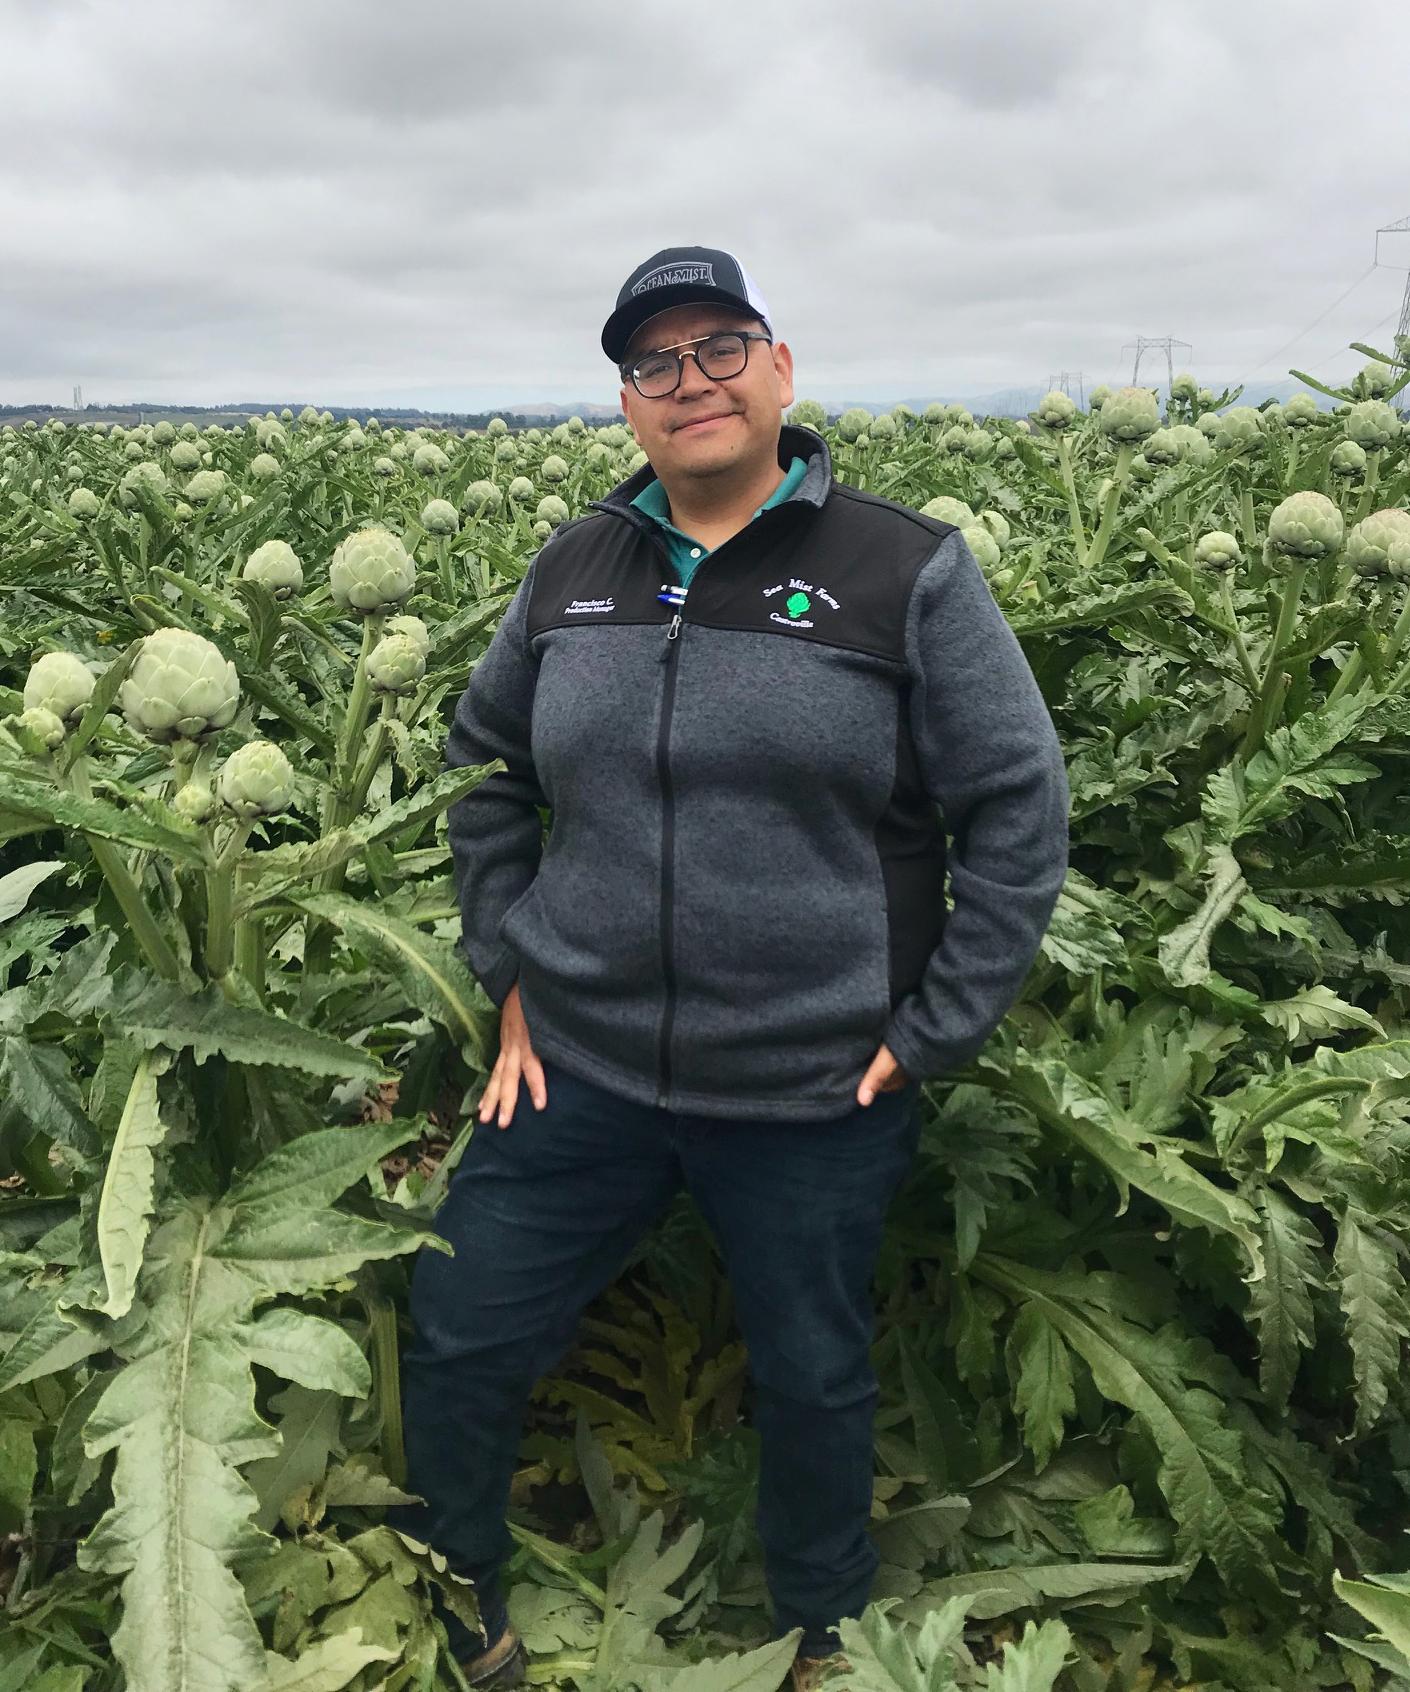 Francisco Castaneda- Production Manager Sea Mist Farms- Ocean Mist Farms